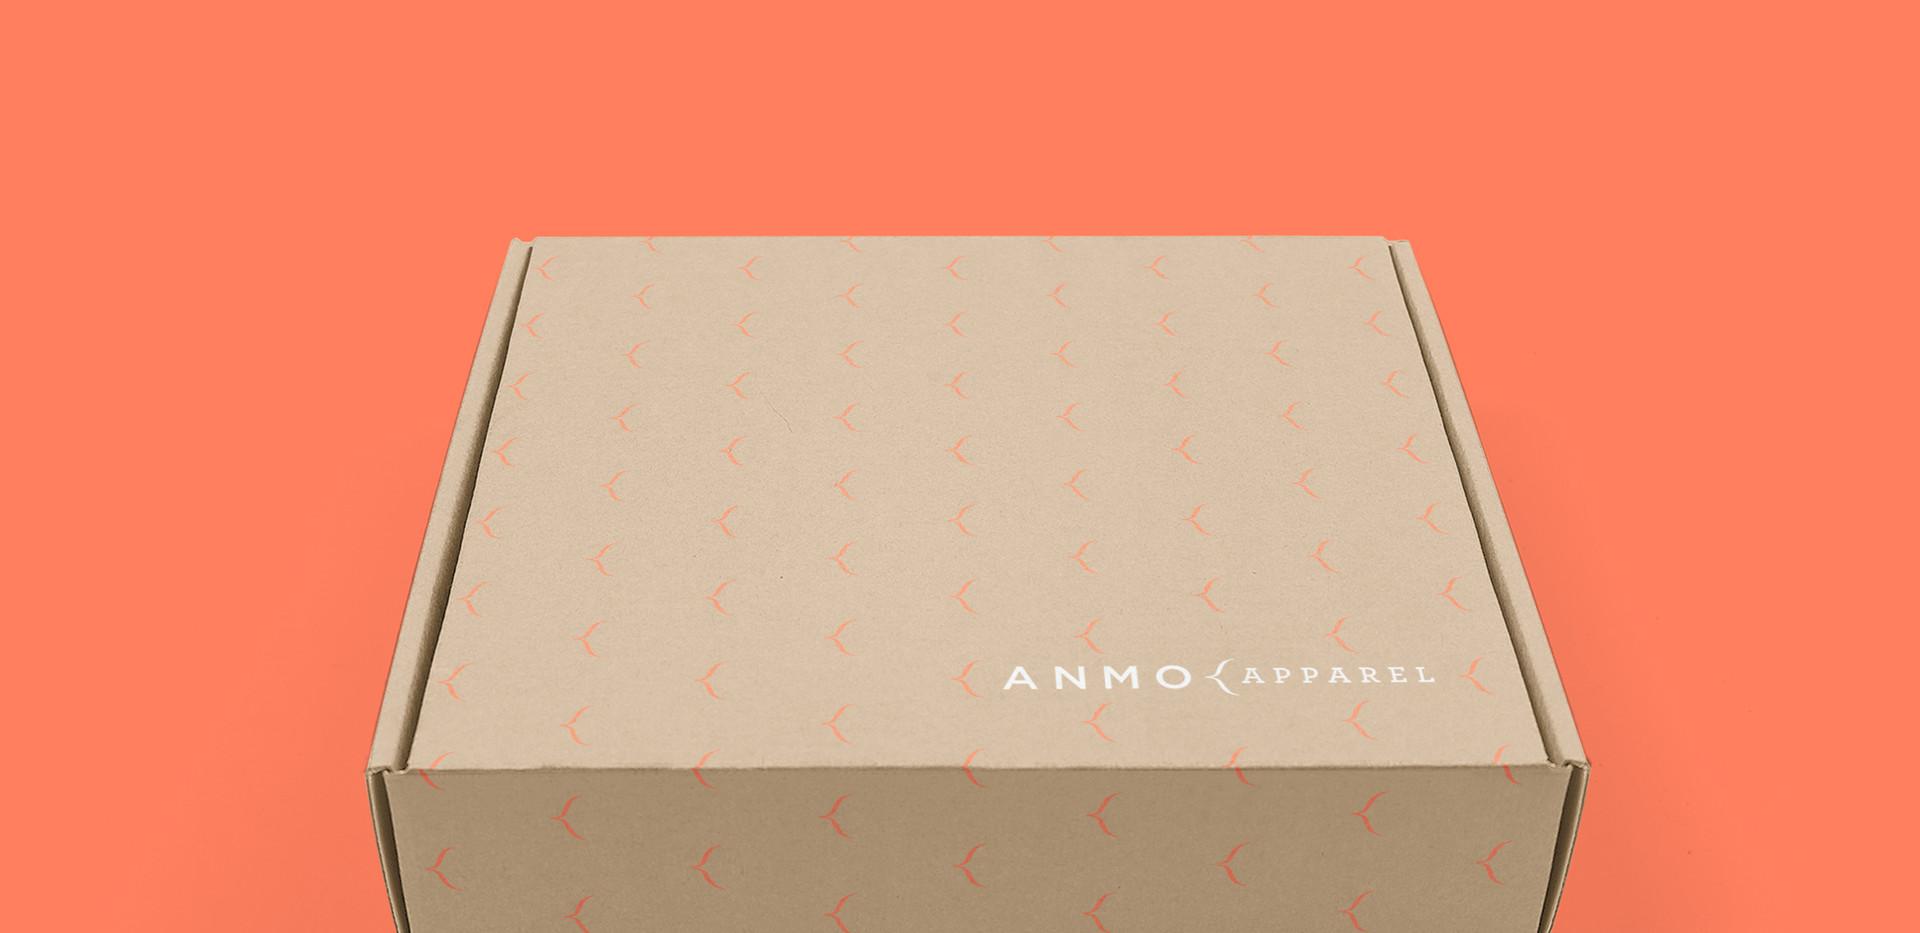 Amno | boite de livraison